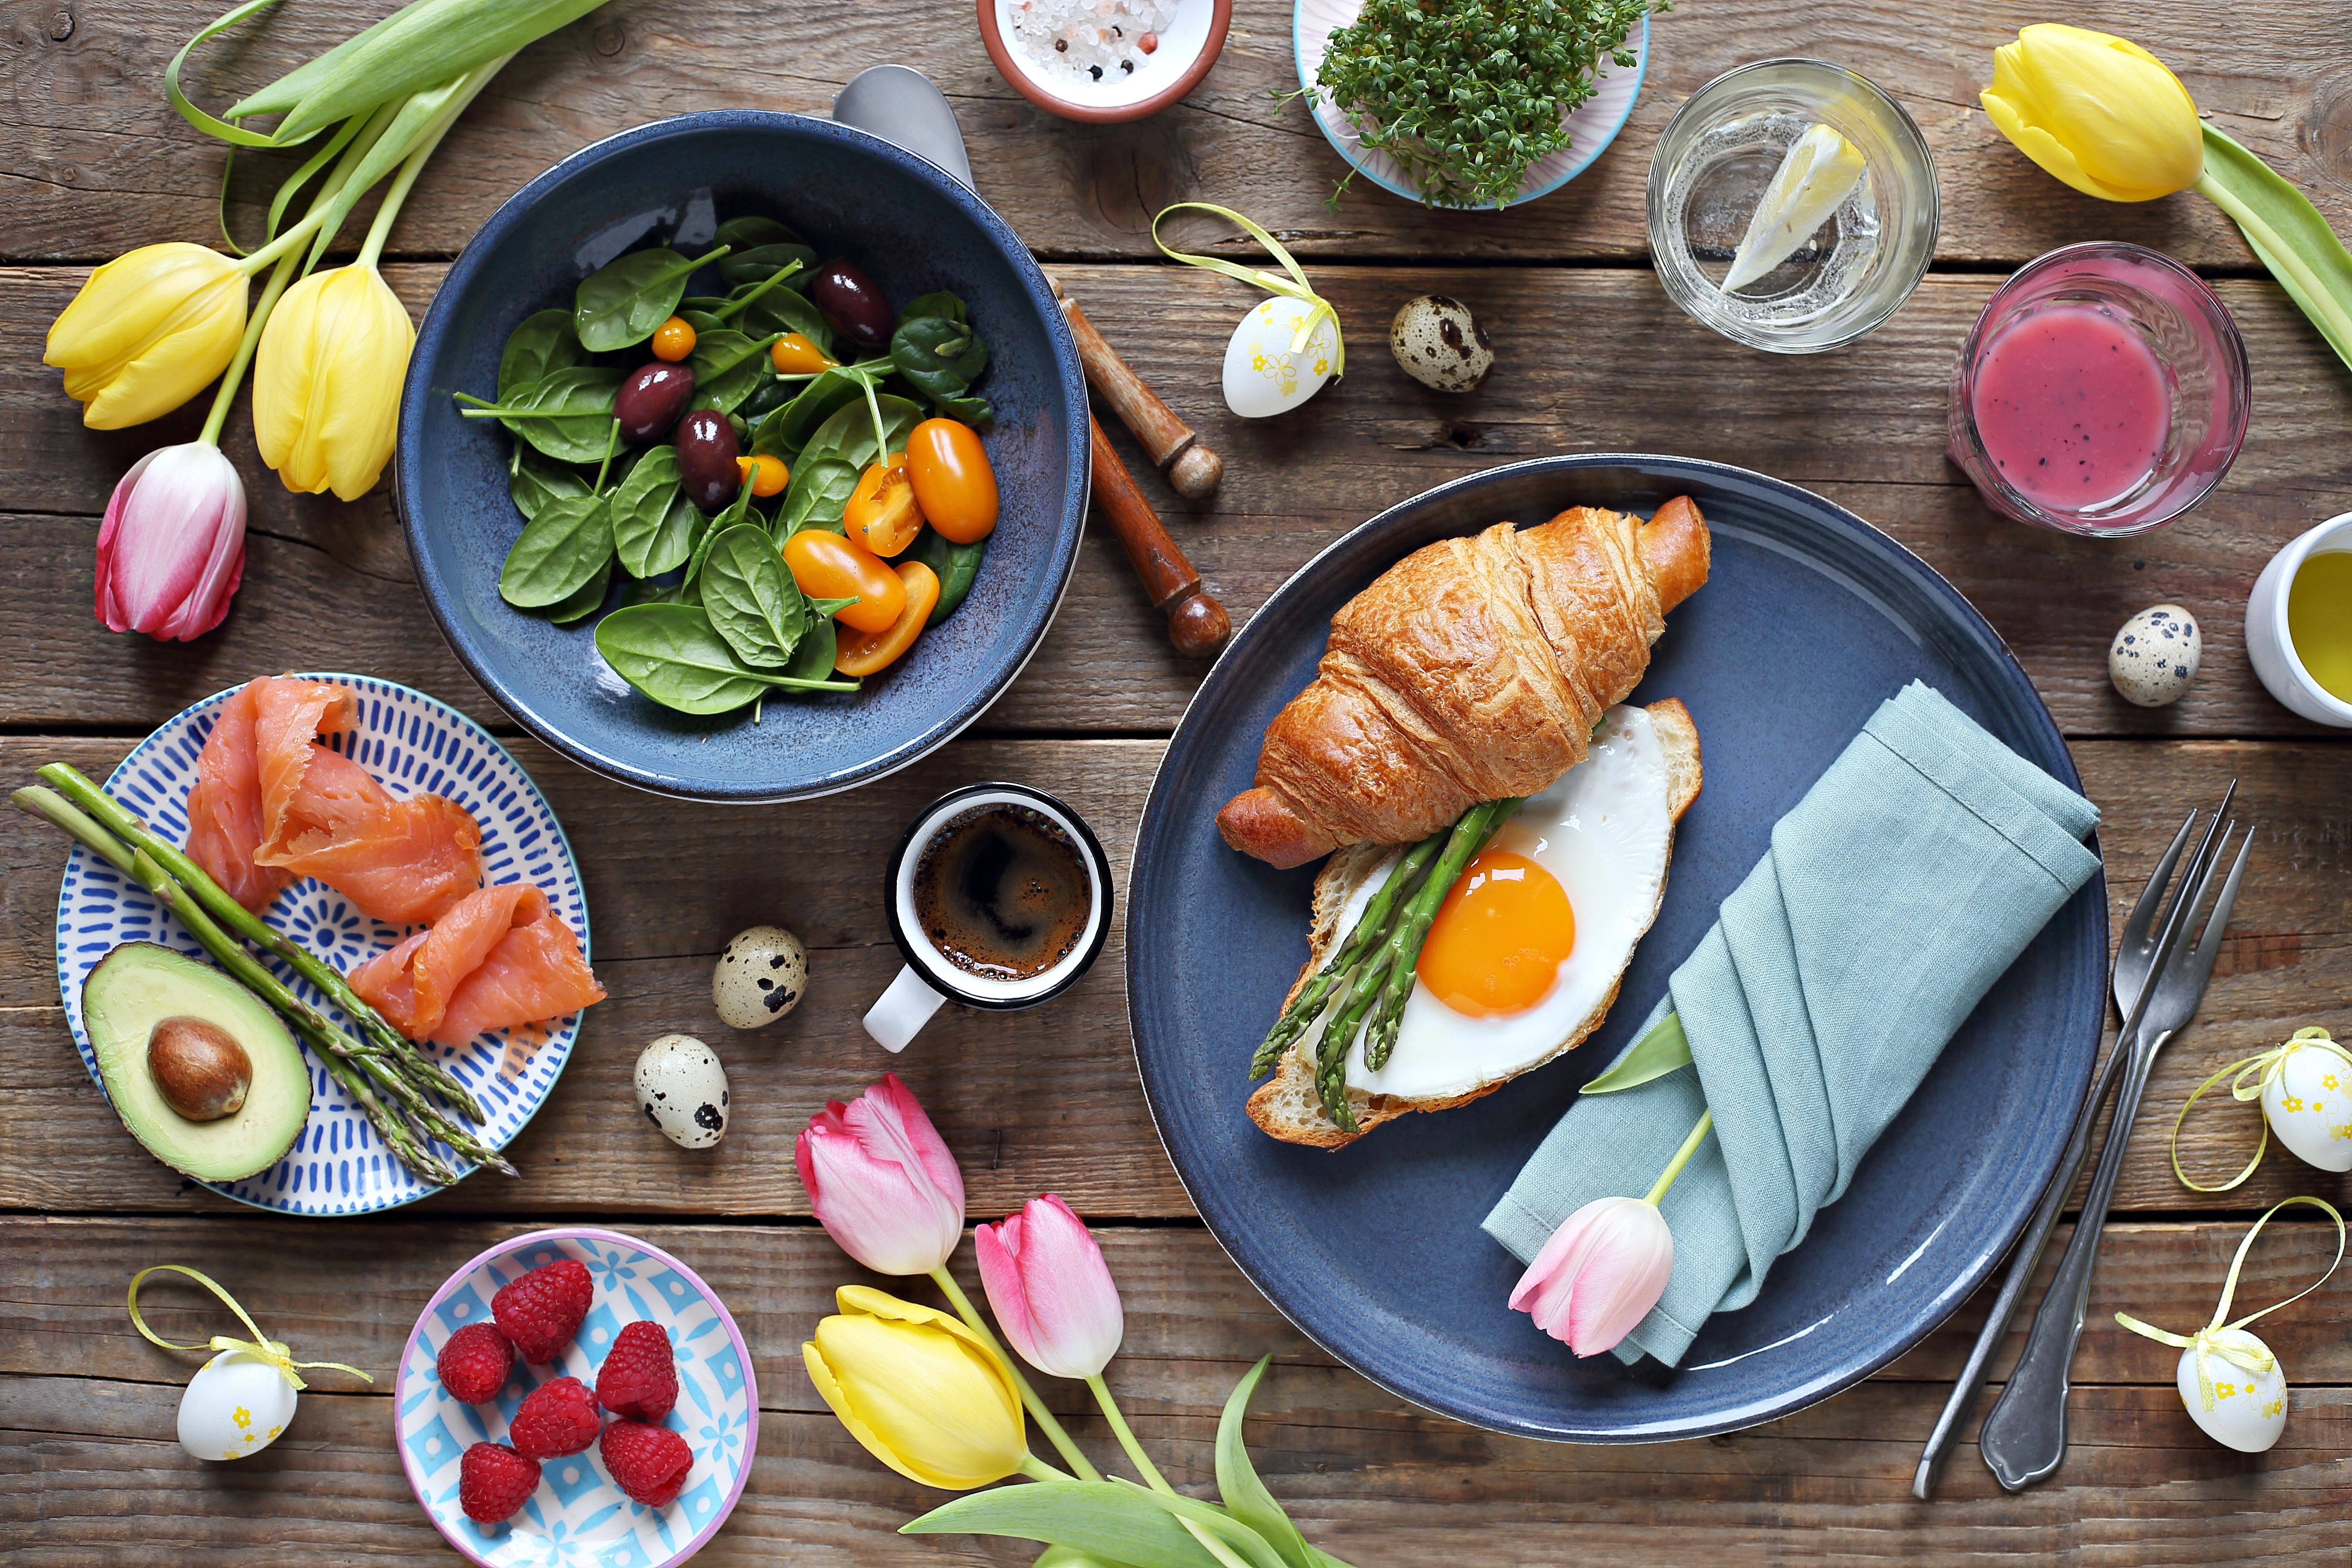 Conseils nutritionnels après une gastrectomie : que pouvez-vous manger ?